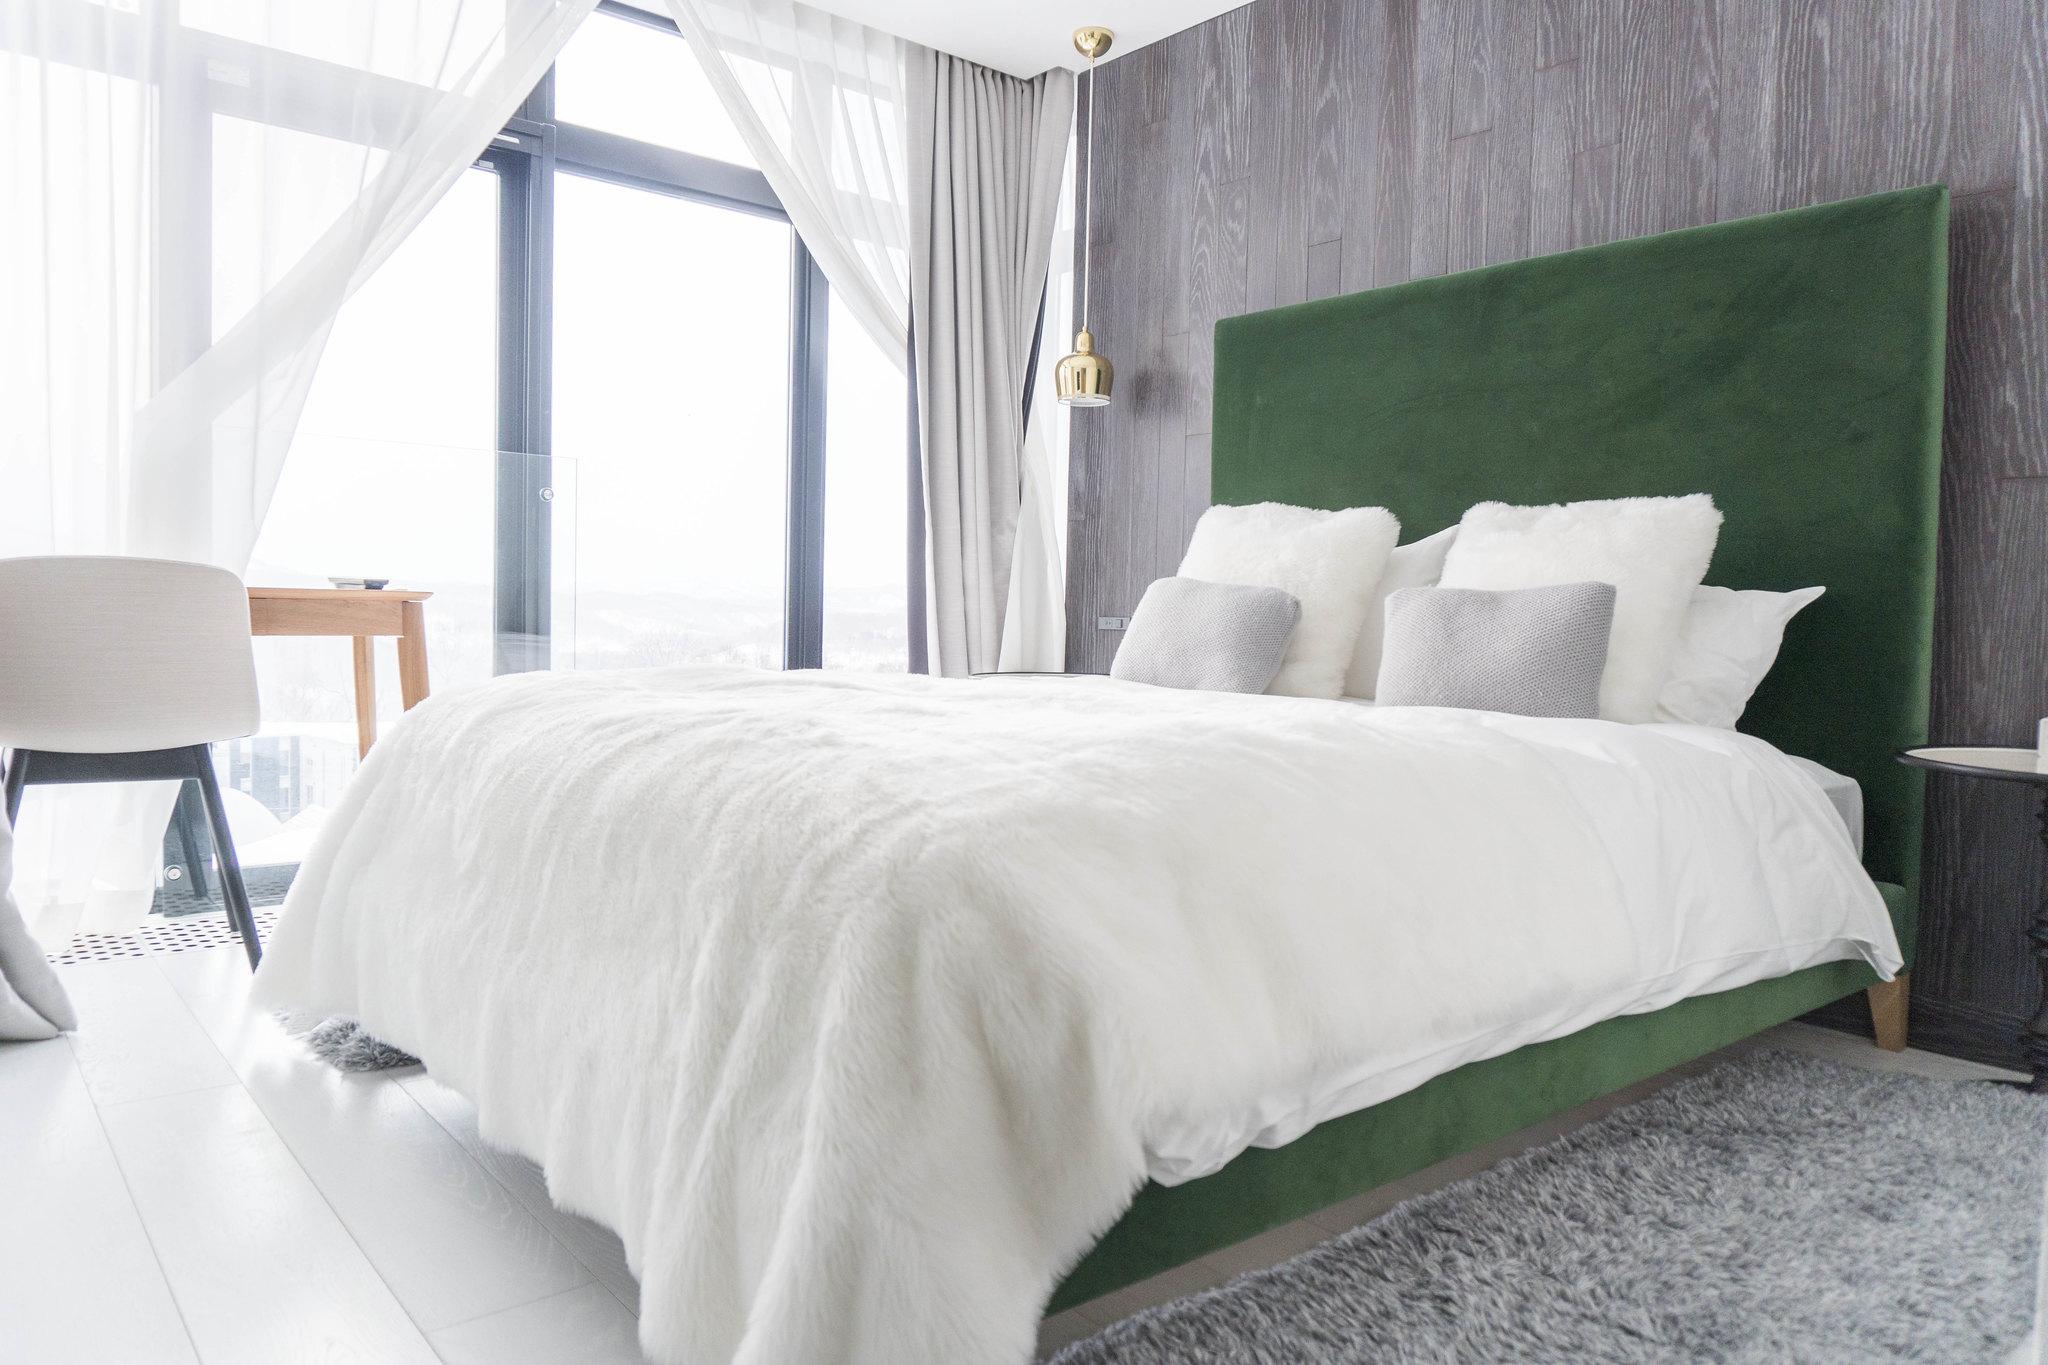 ロフトニセコの緑のベッド